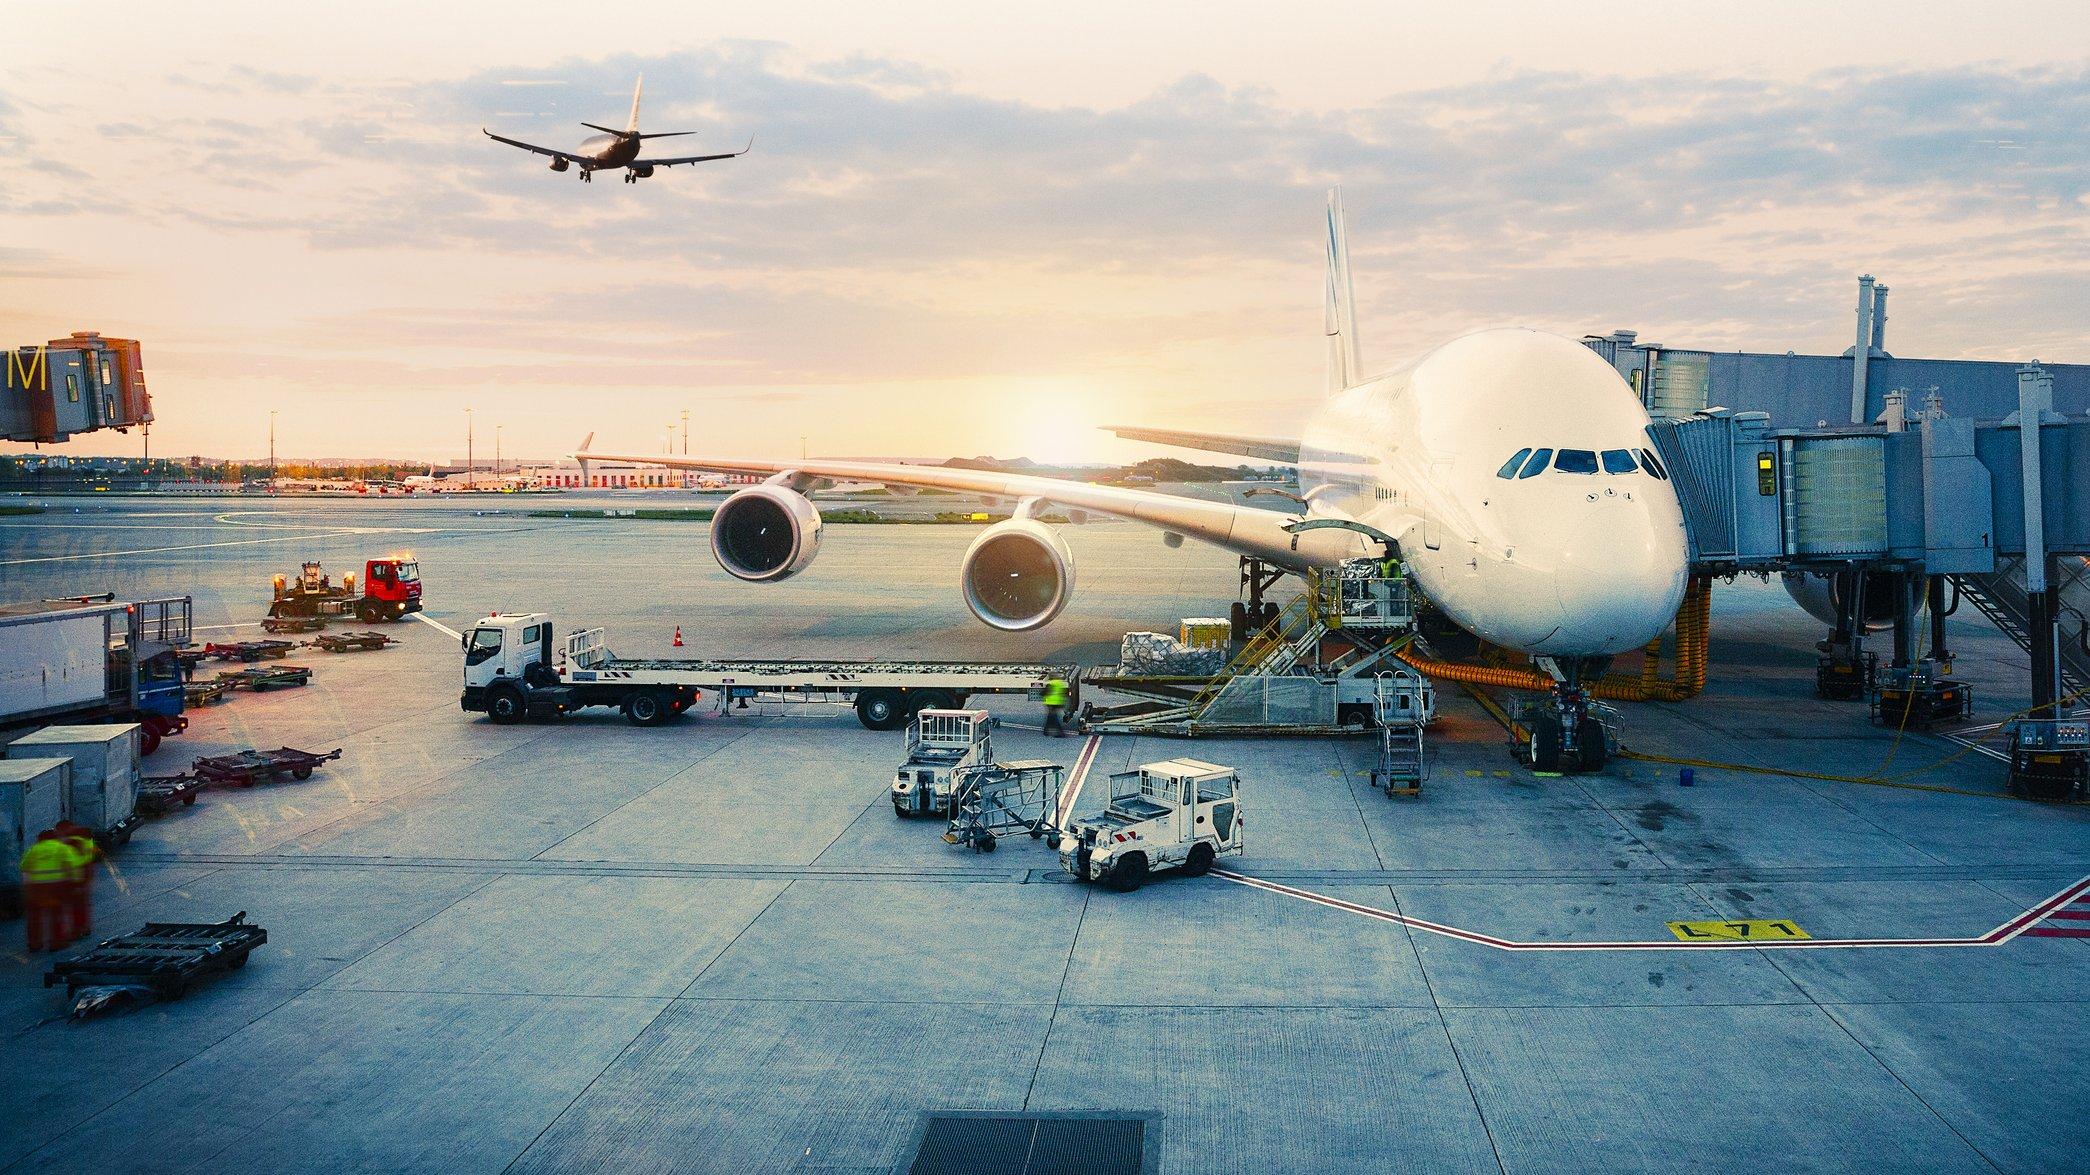 På flygplatsen finns det tekniska system.